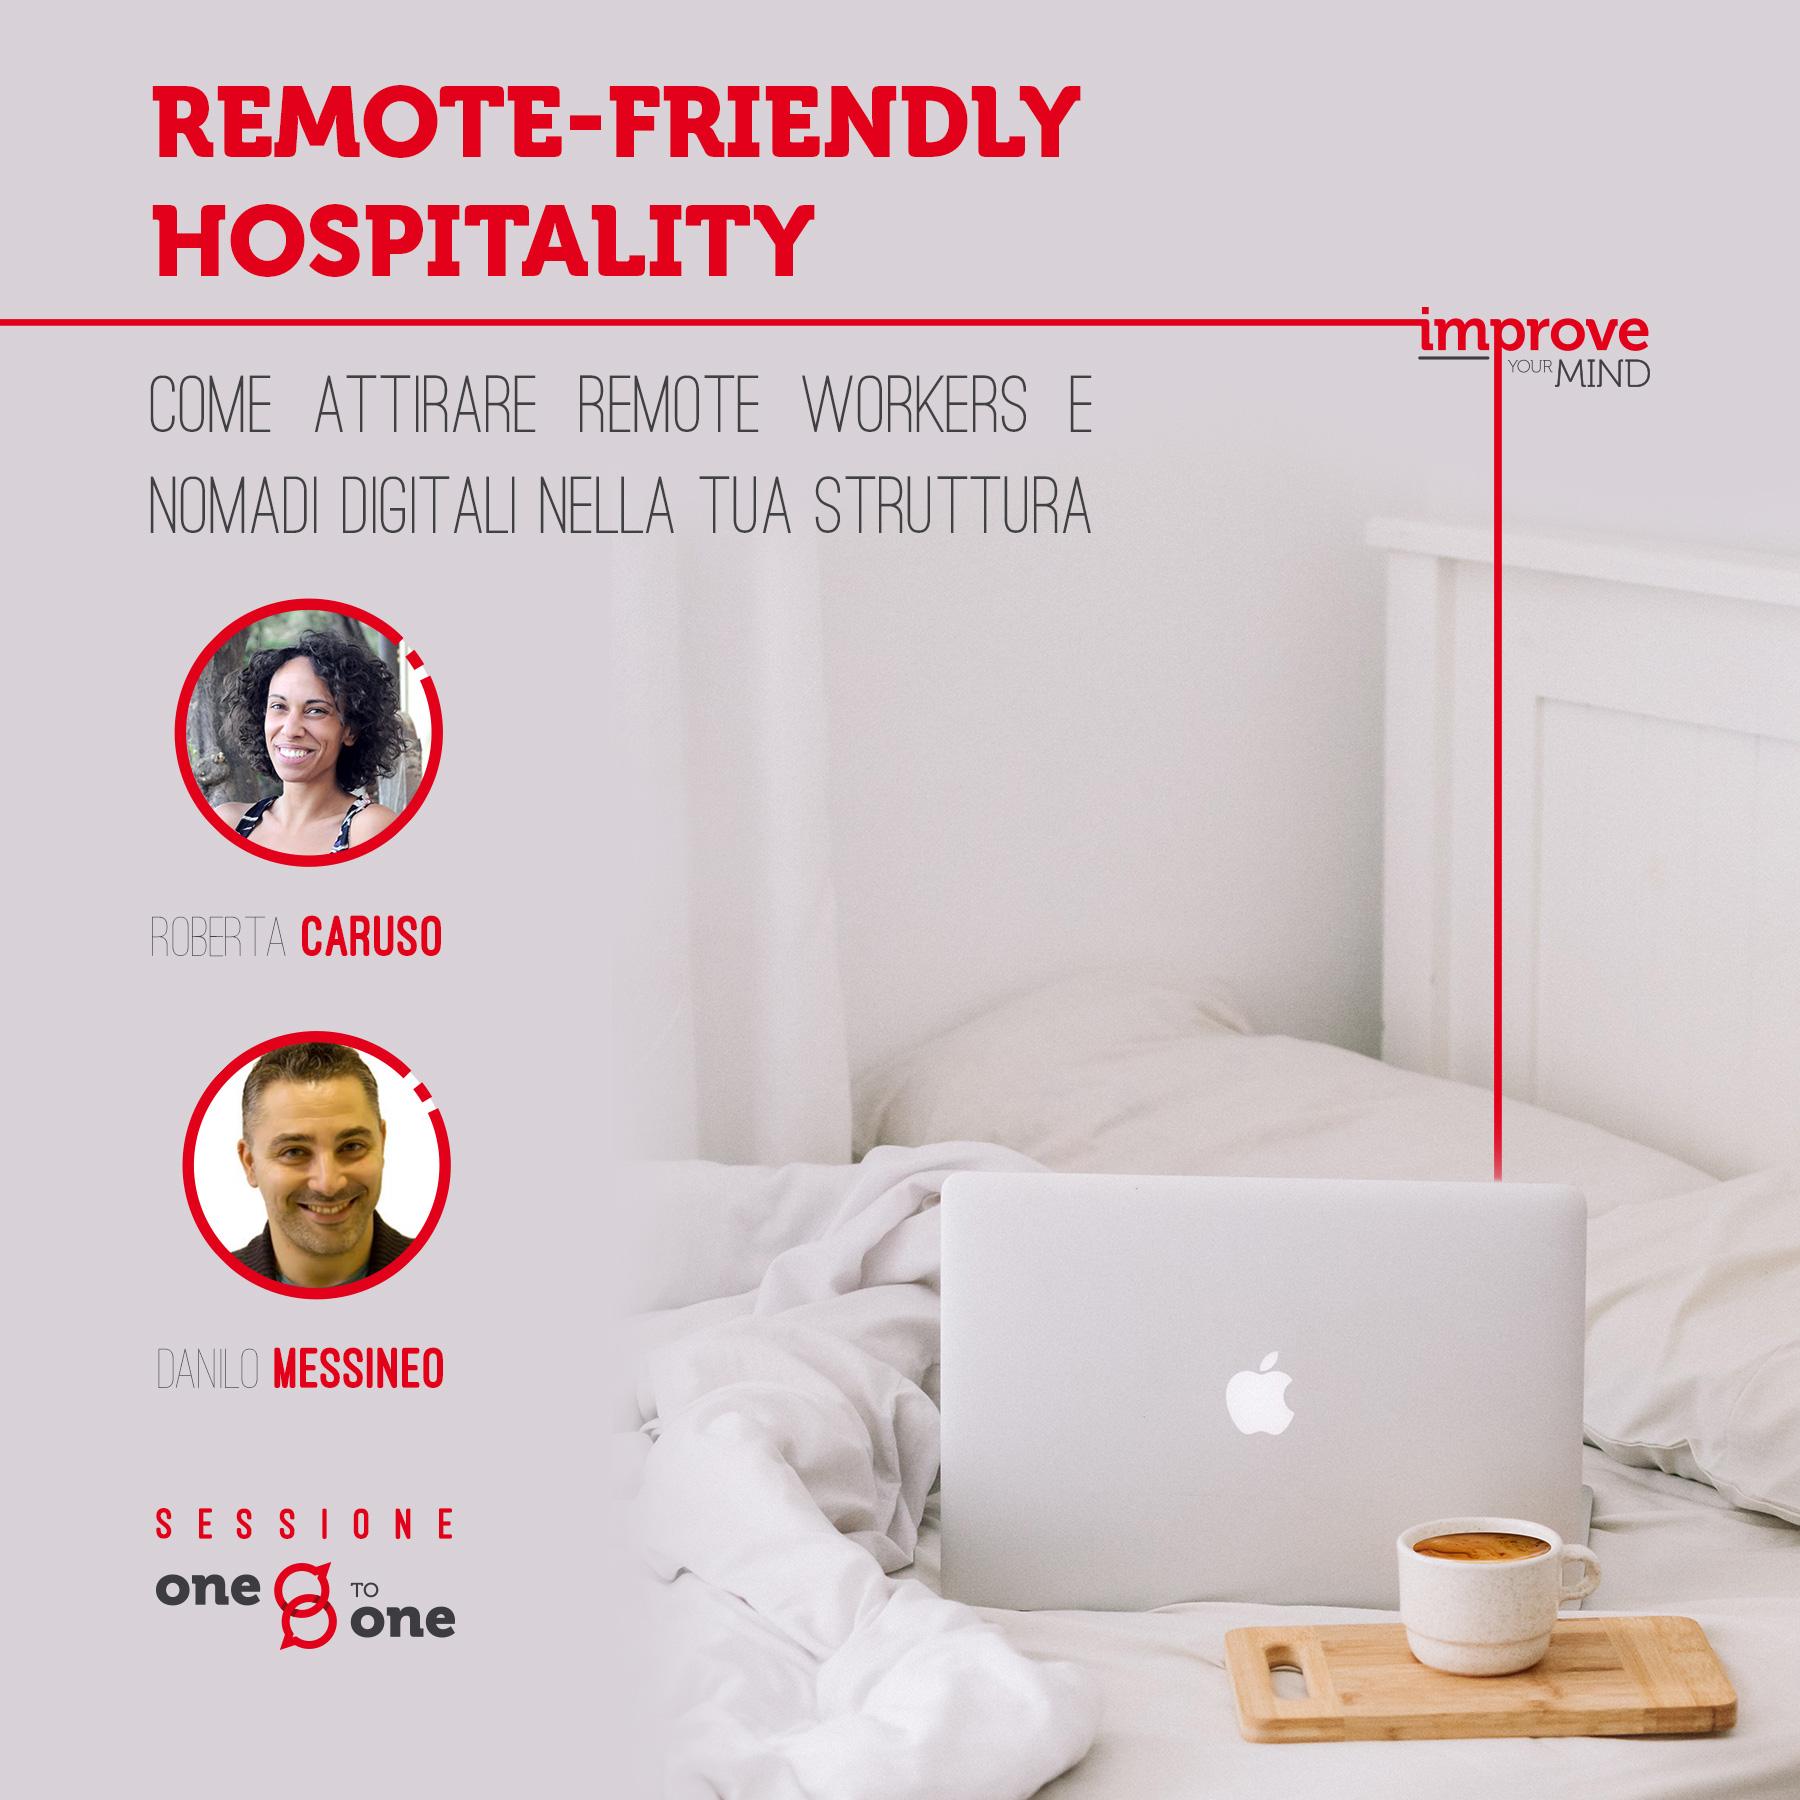 Remote-friendly Hospitality – Come attirare remote workers e nomadi digitali nella tua struttura